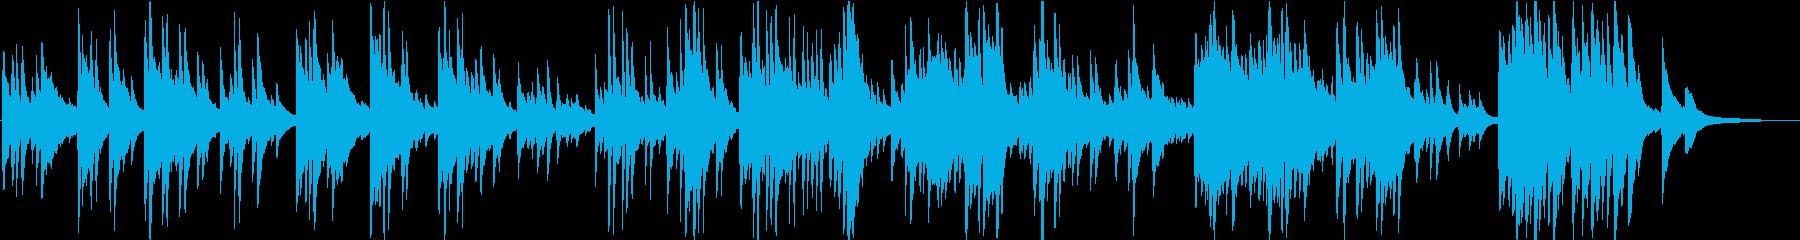 滑らかで美しい旋律のピアノの曲の再生済みの波形